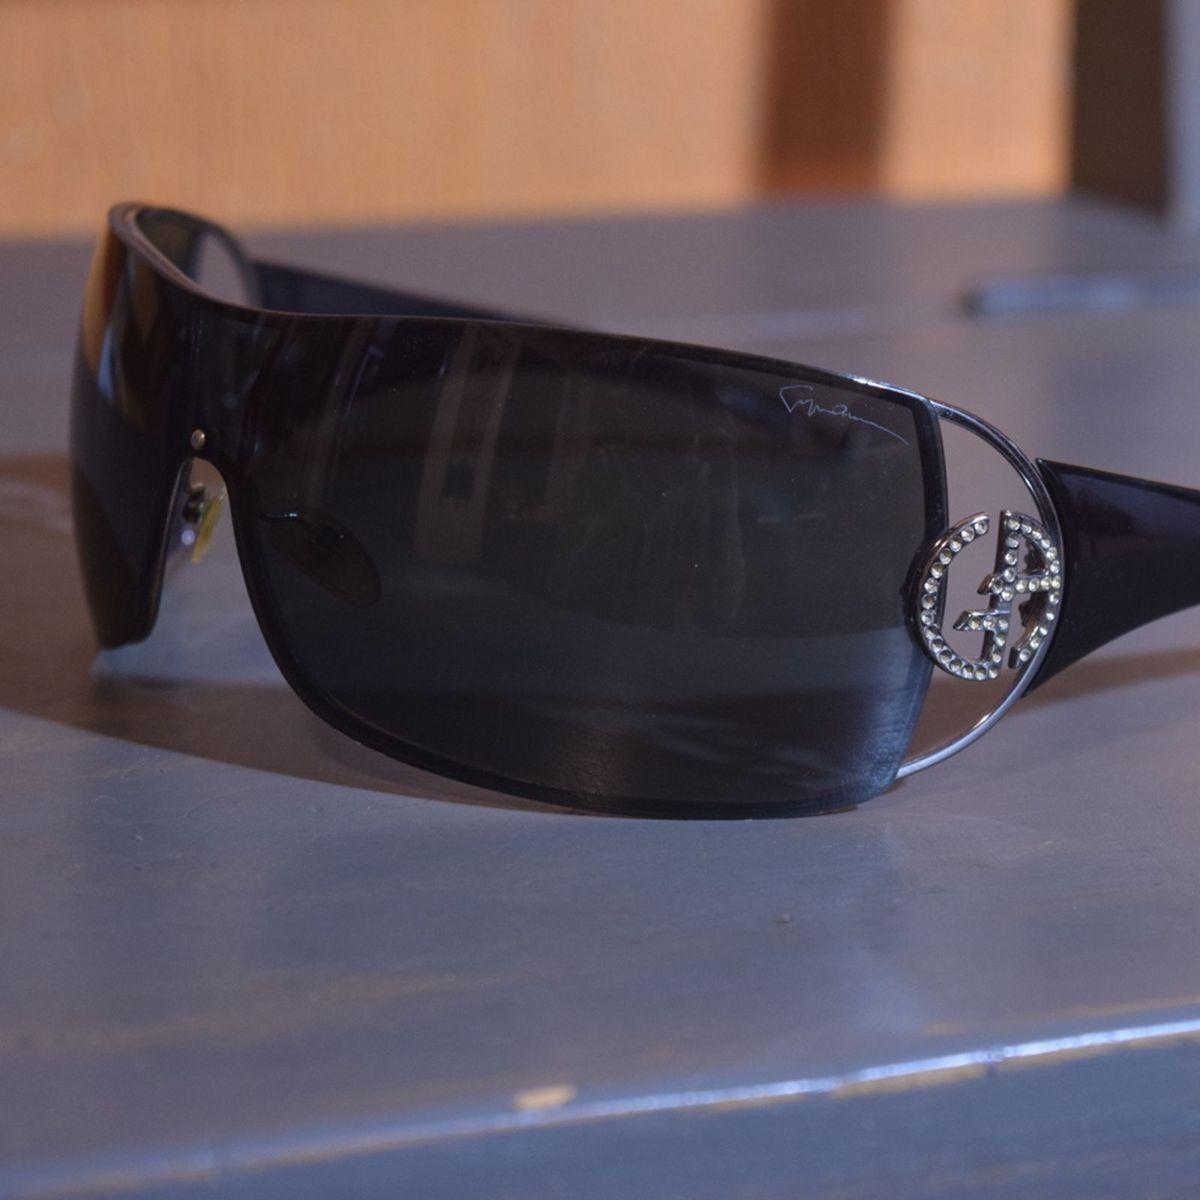 4e6057d13 Óculos de Sol Giorgio Armani | Óculos Feminino Giorgio Armani Usado  29497812 | enjoei